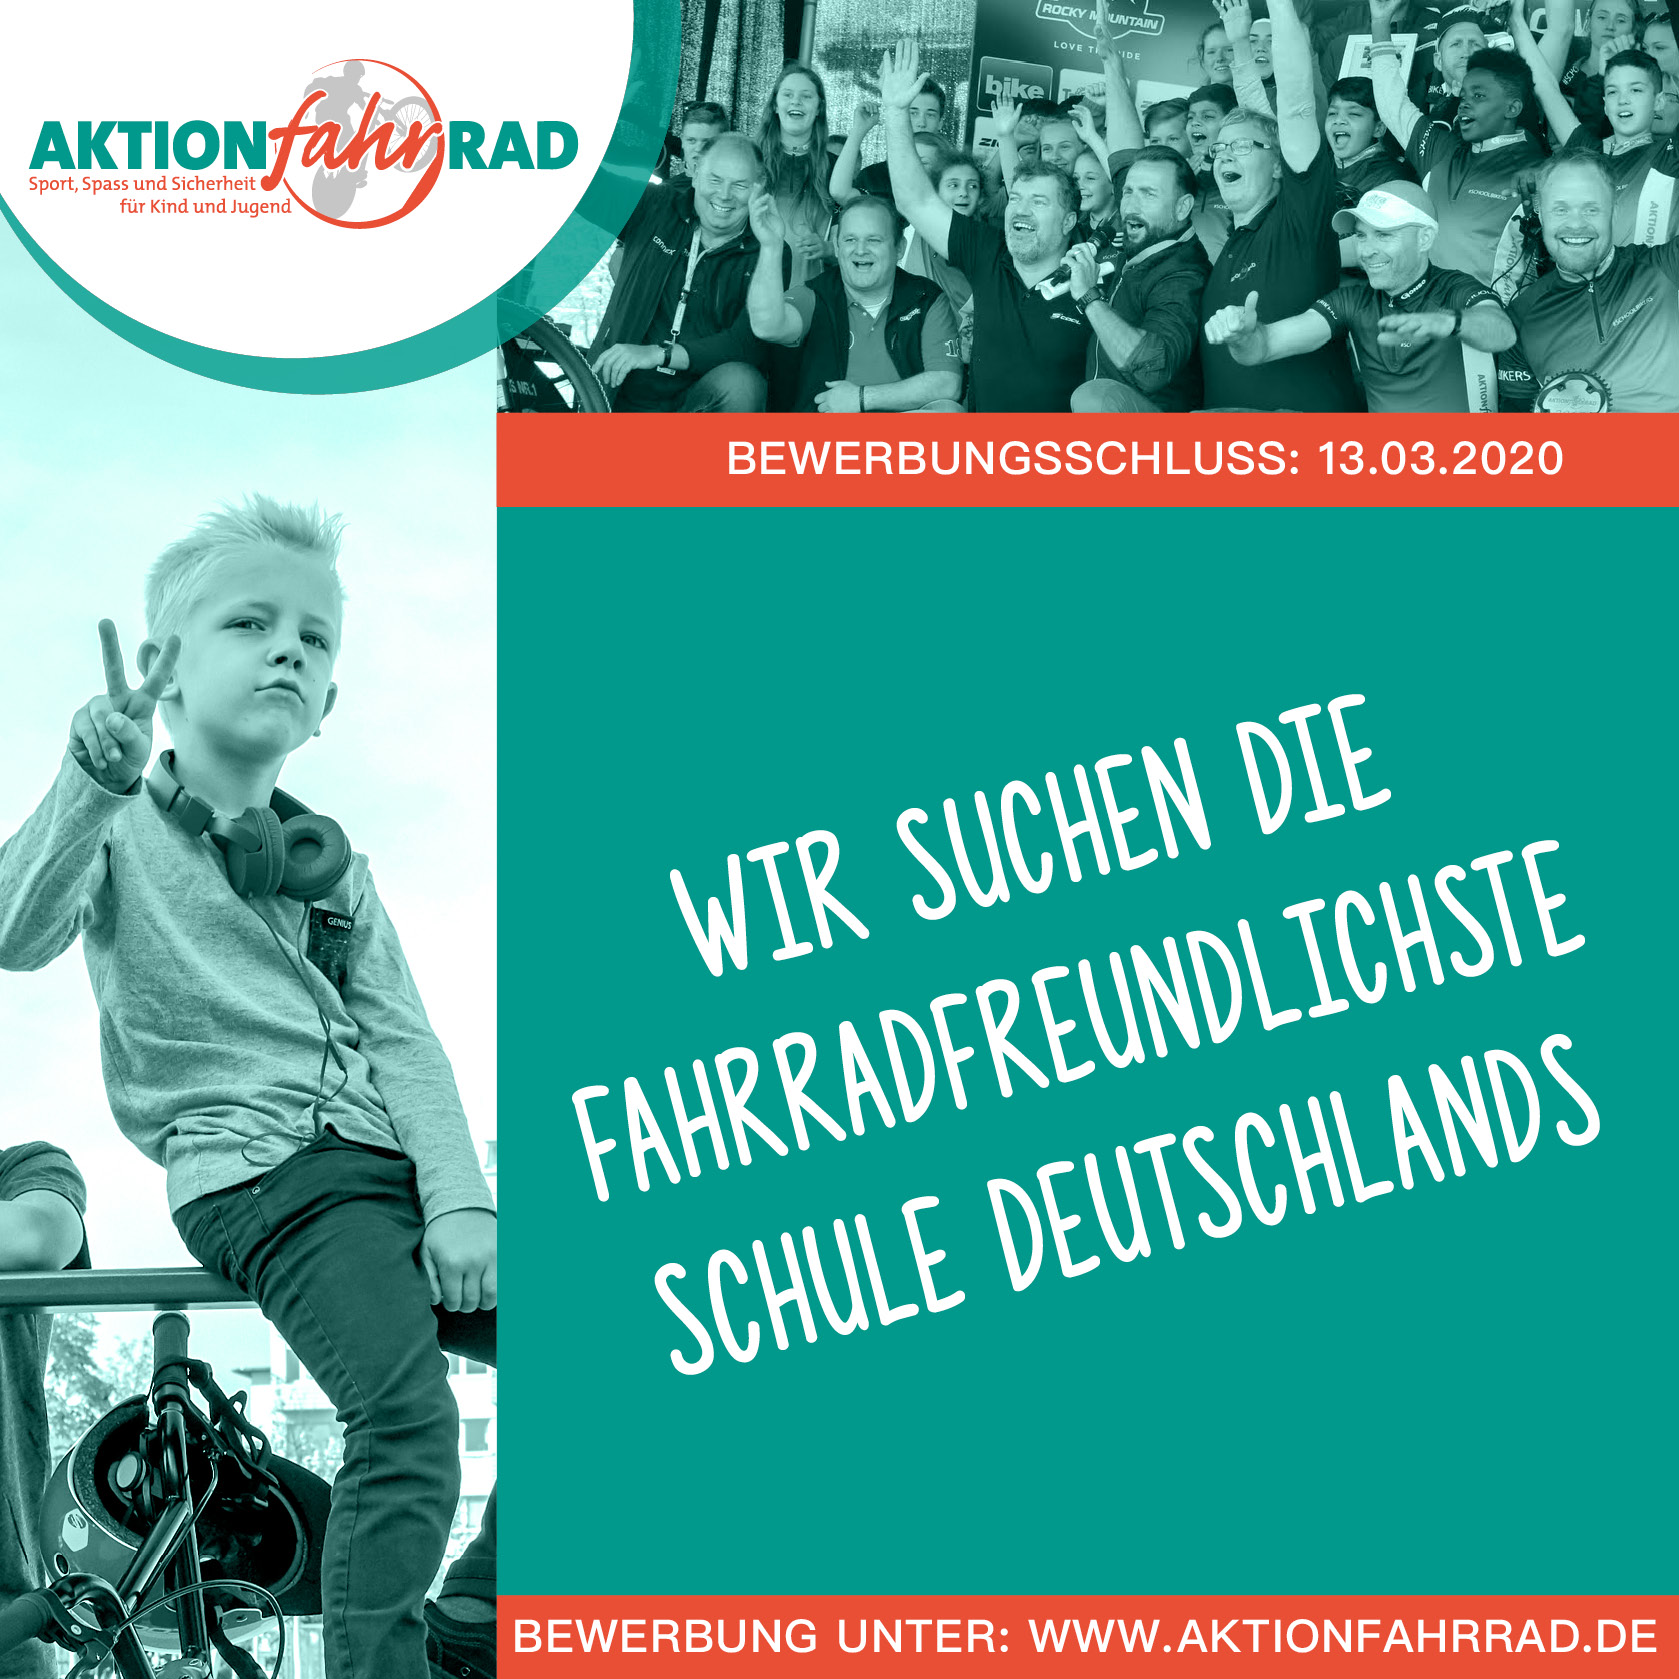 Fahrradfreundlichste Schule Deutschlands